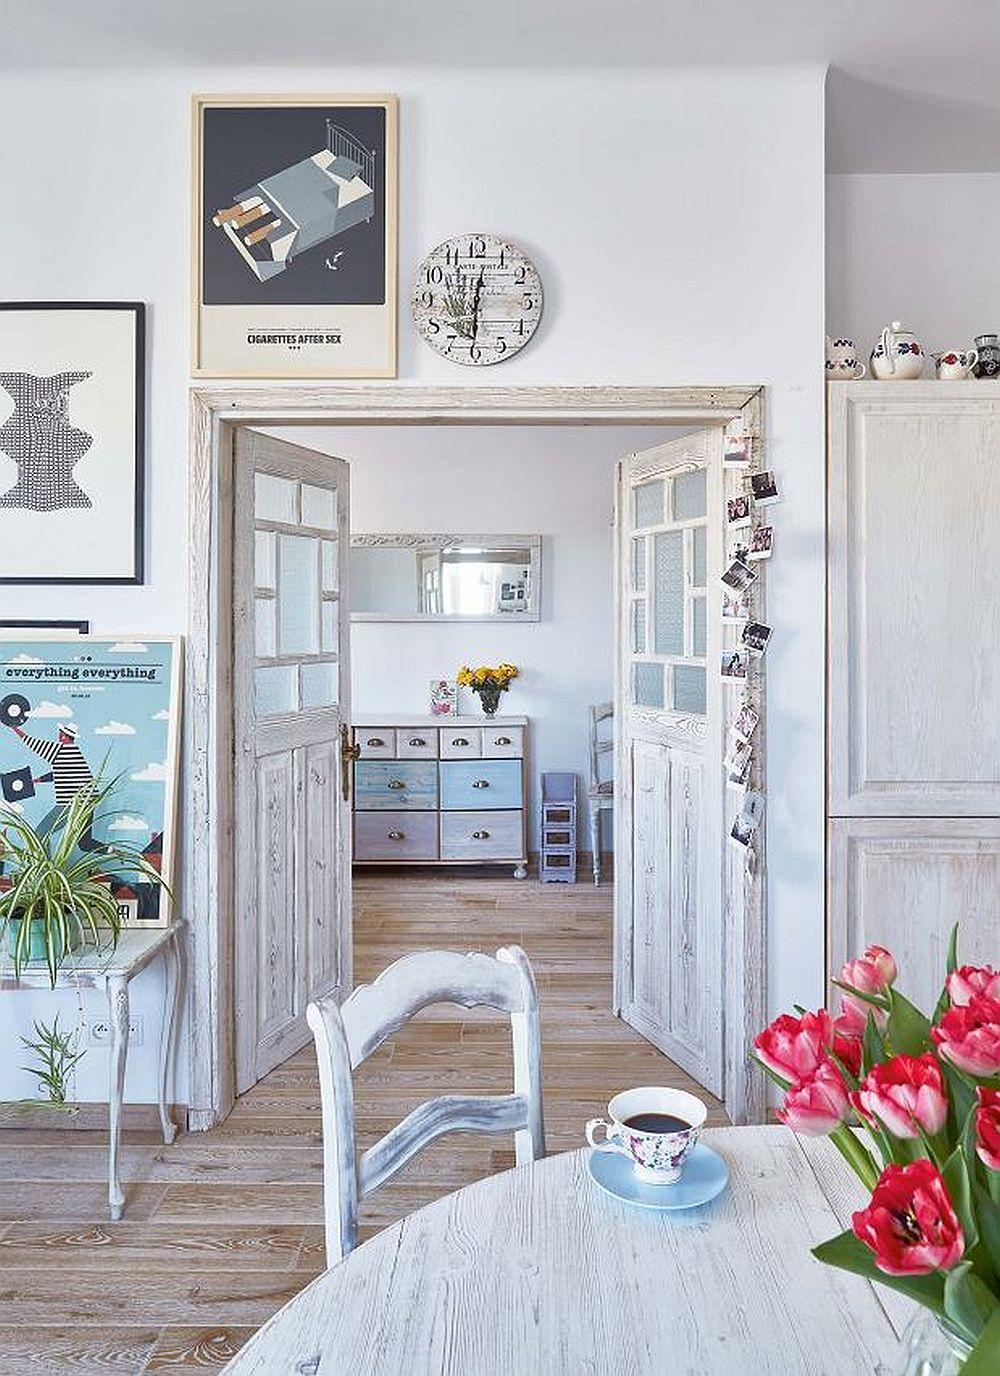 Din bucătărie se poate accede în zona de birou. Pentru a amplifica senzația de rustic a fost montată o ușă dublă, care lăsată deschisă pe timpul zilei, dă senzația de spațiu mai mare.